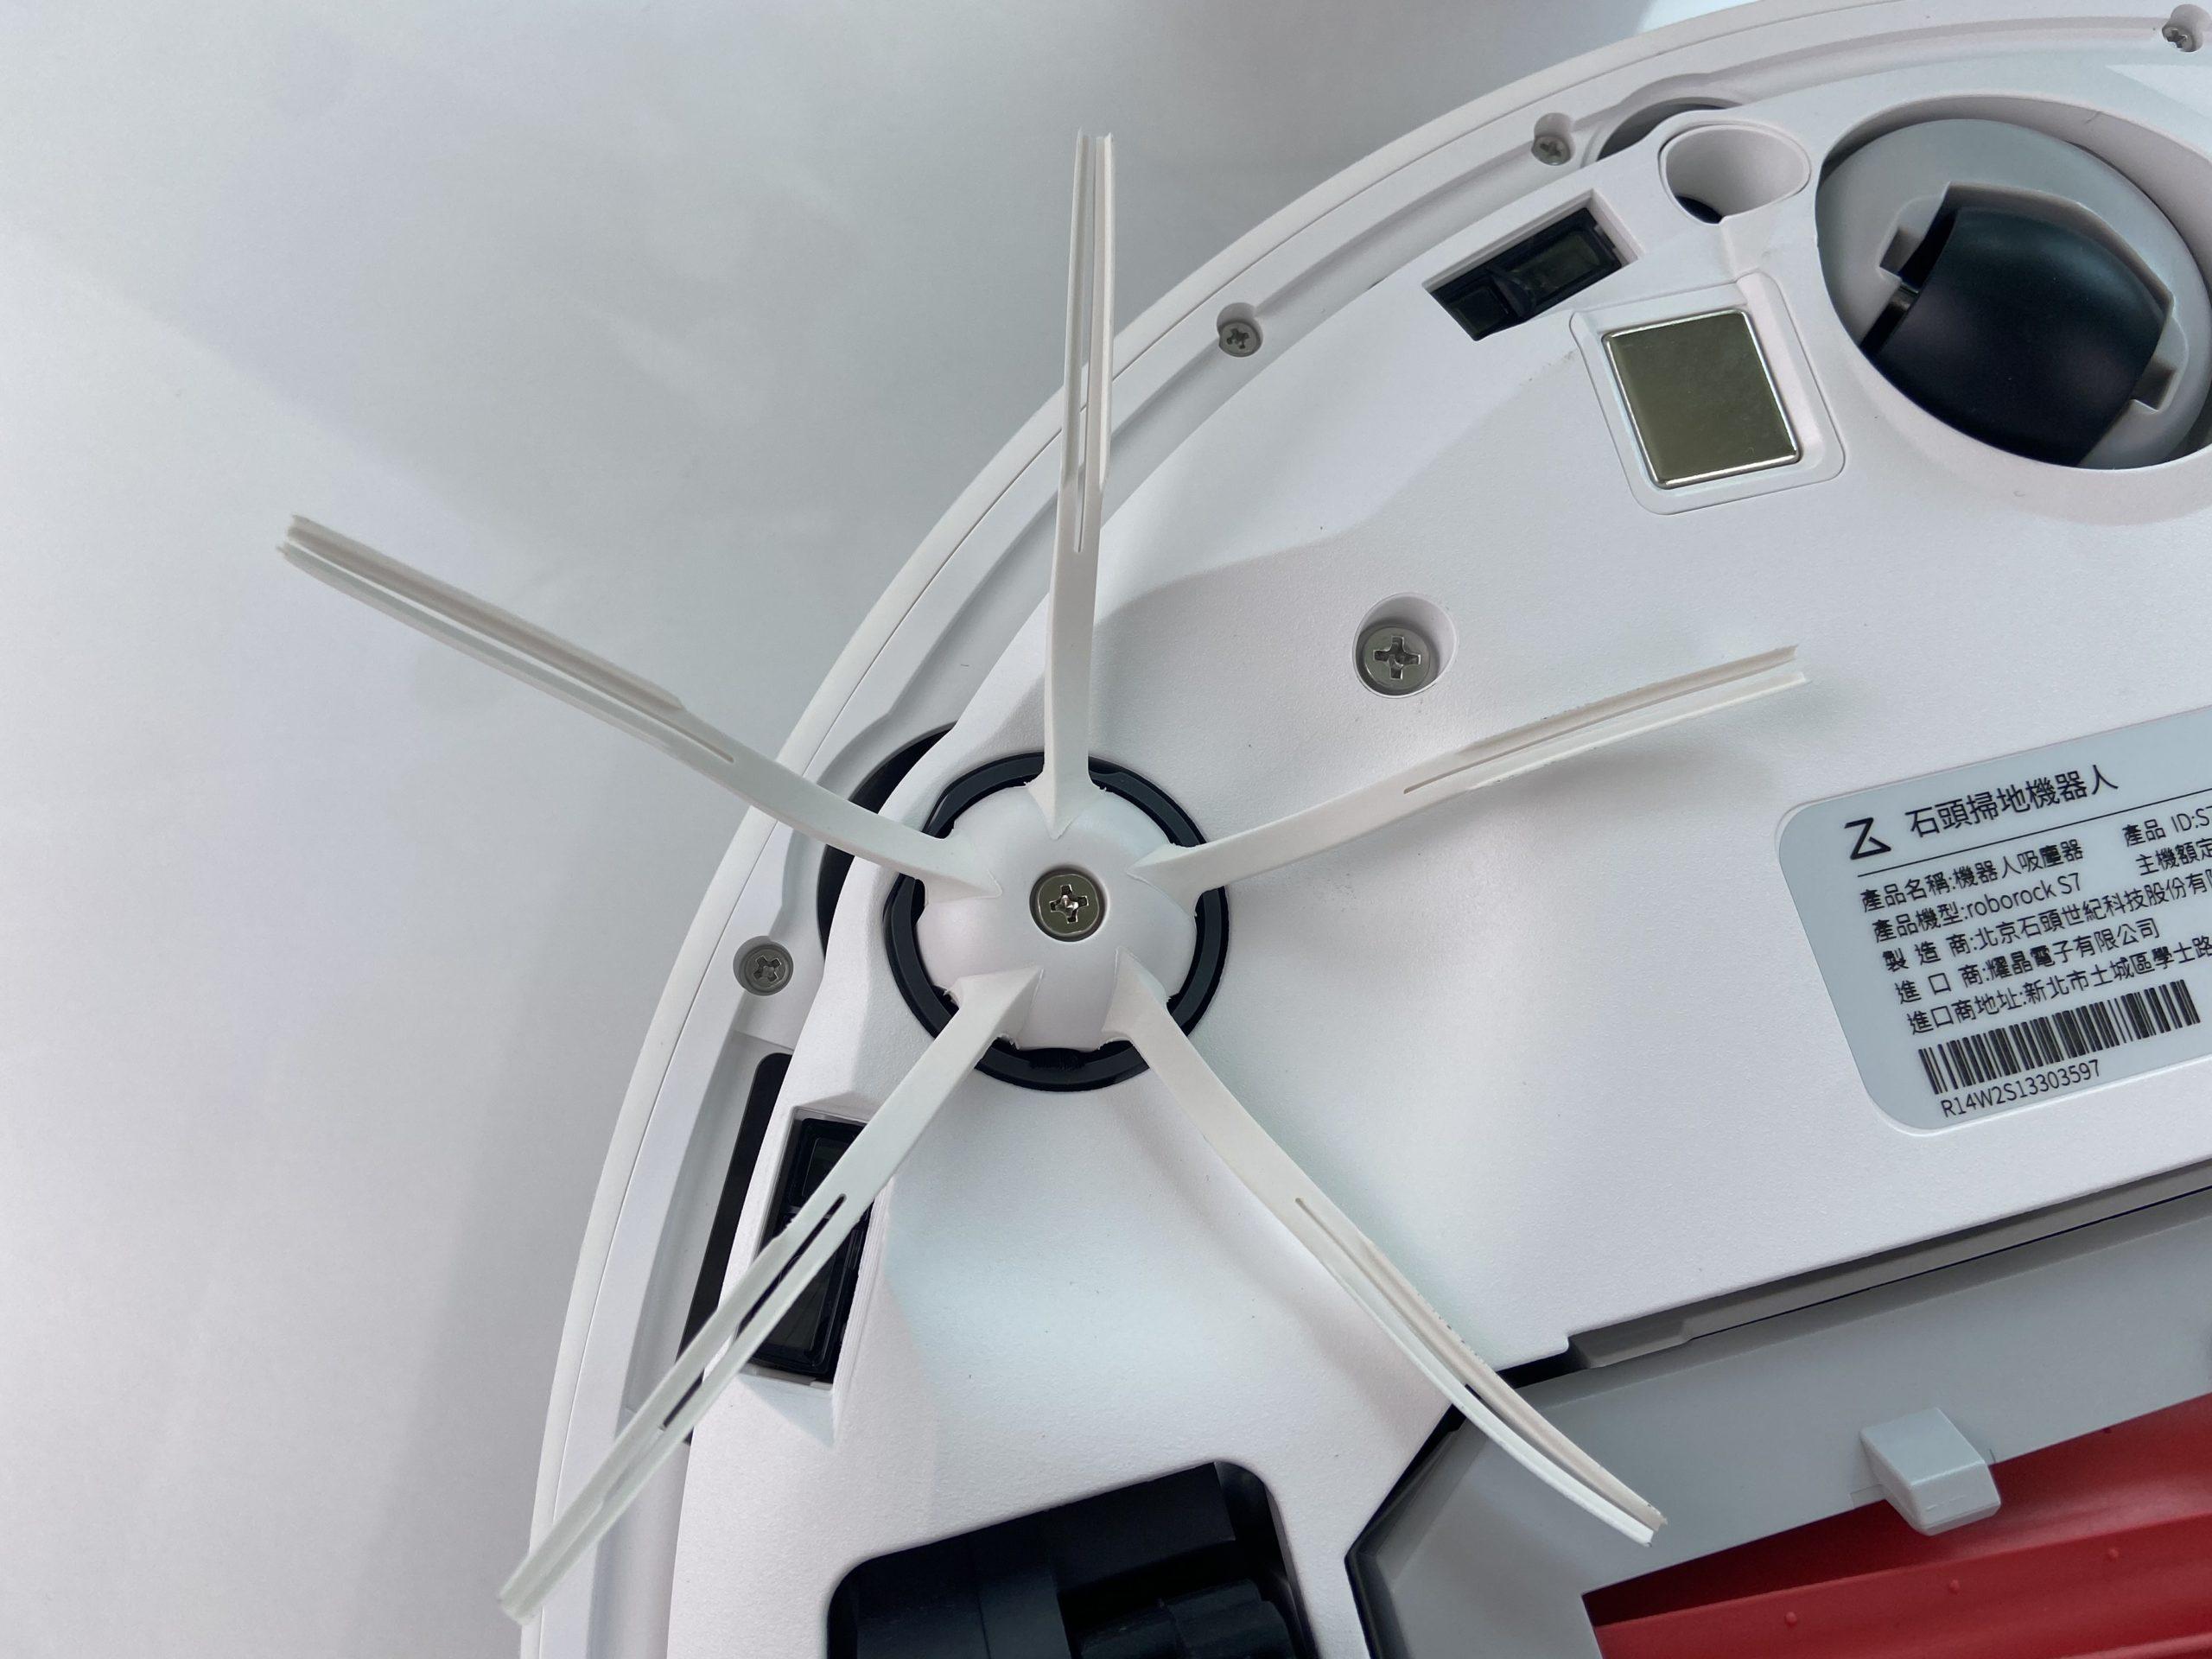 Roborock S7 石頭掃拖機器人 邊刷功能